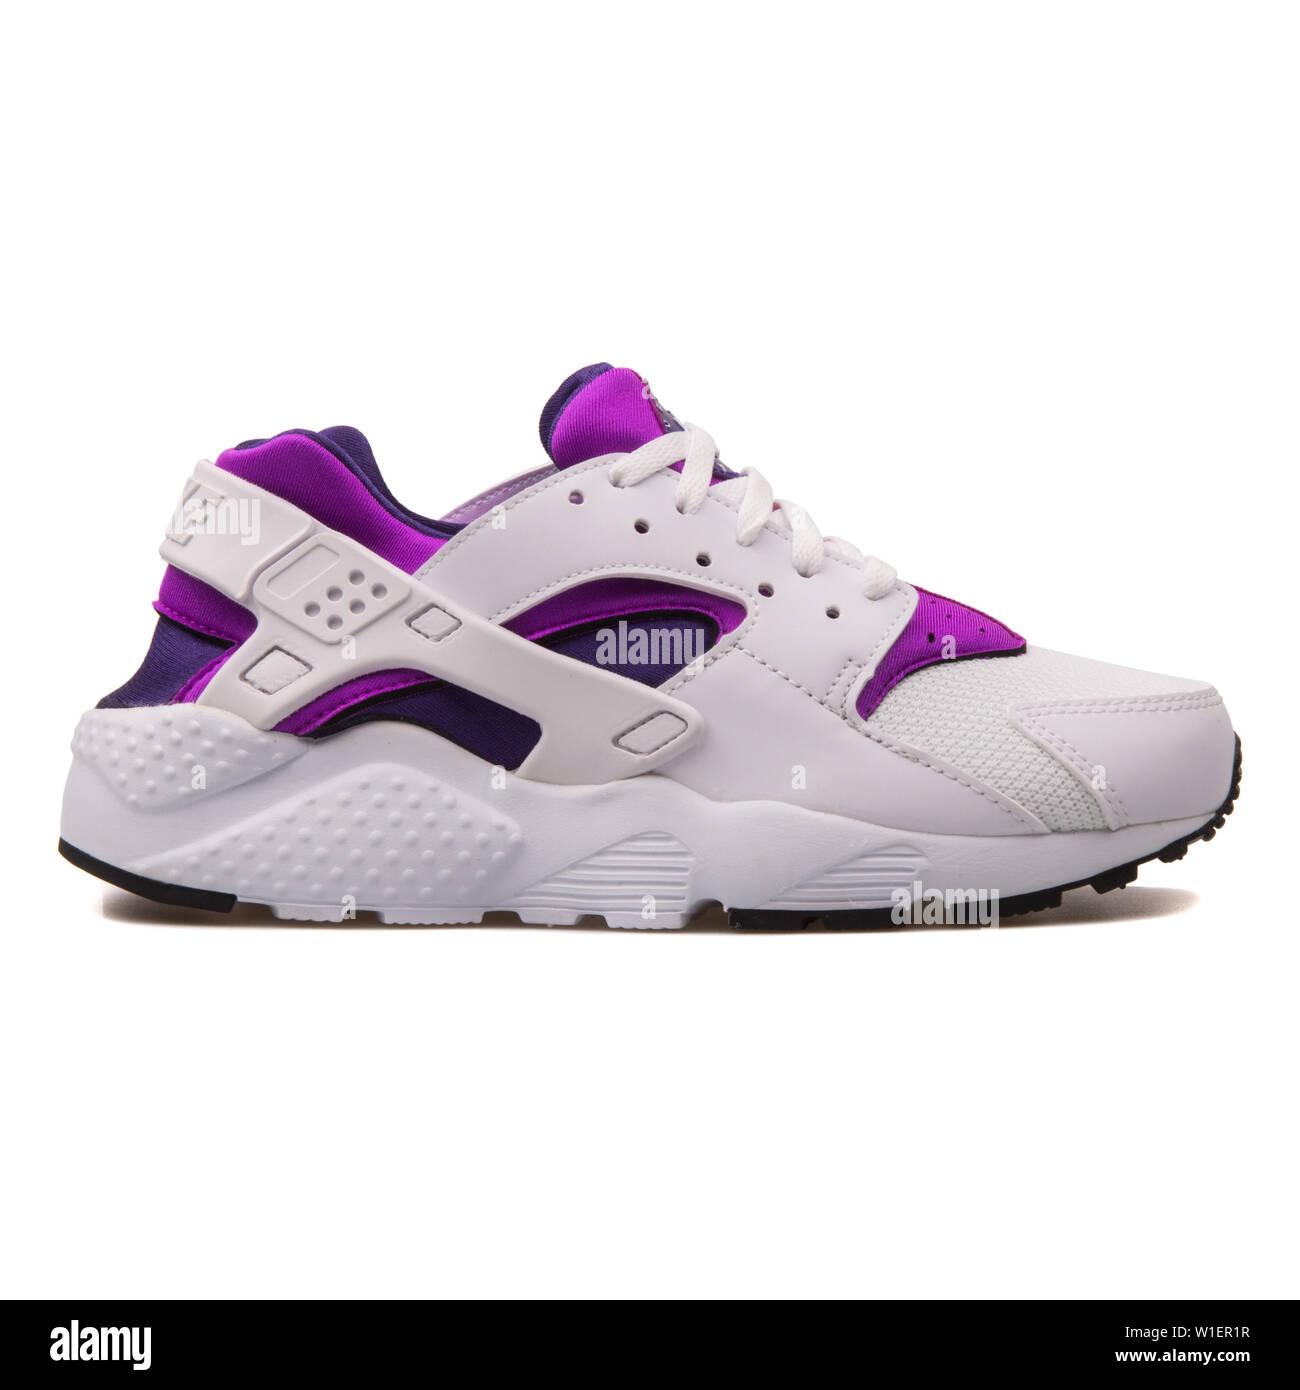 comprar baratas materiales superiores estilo de moda Nike Huarache Stock Photos & Nike Huarache Stock Images - Alamy